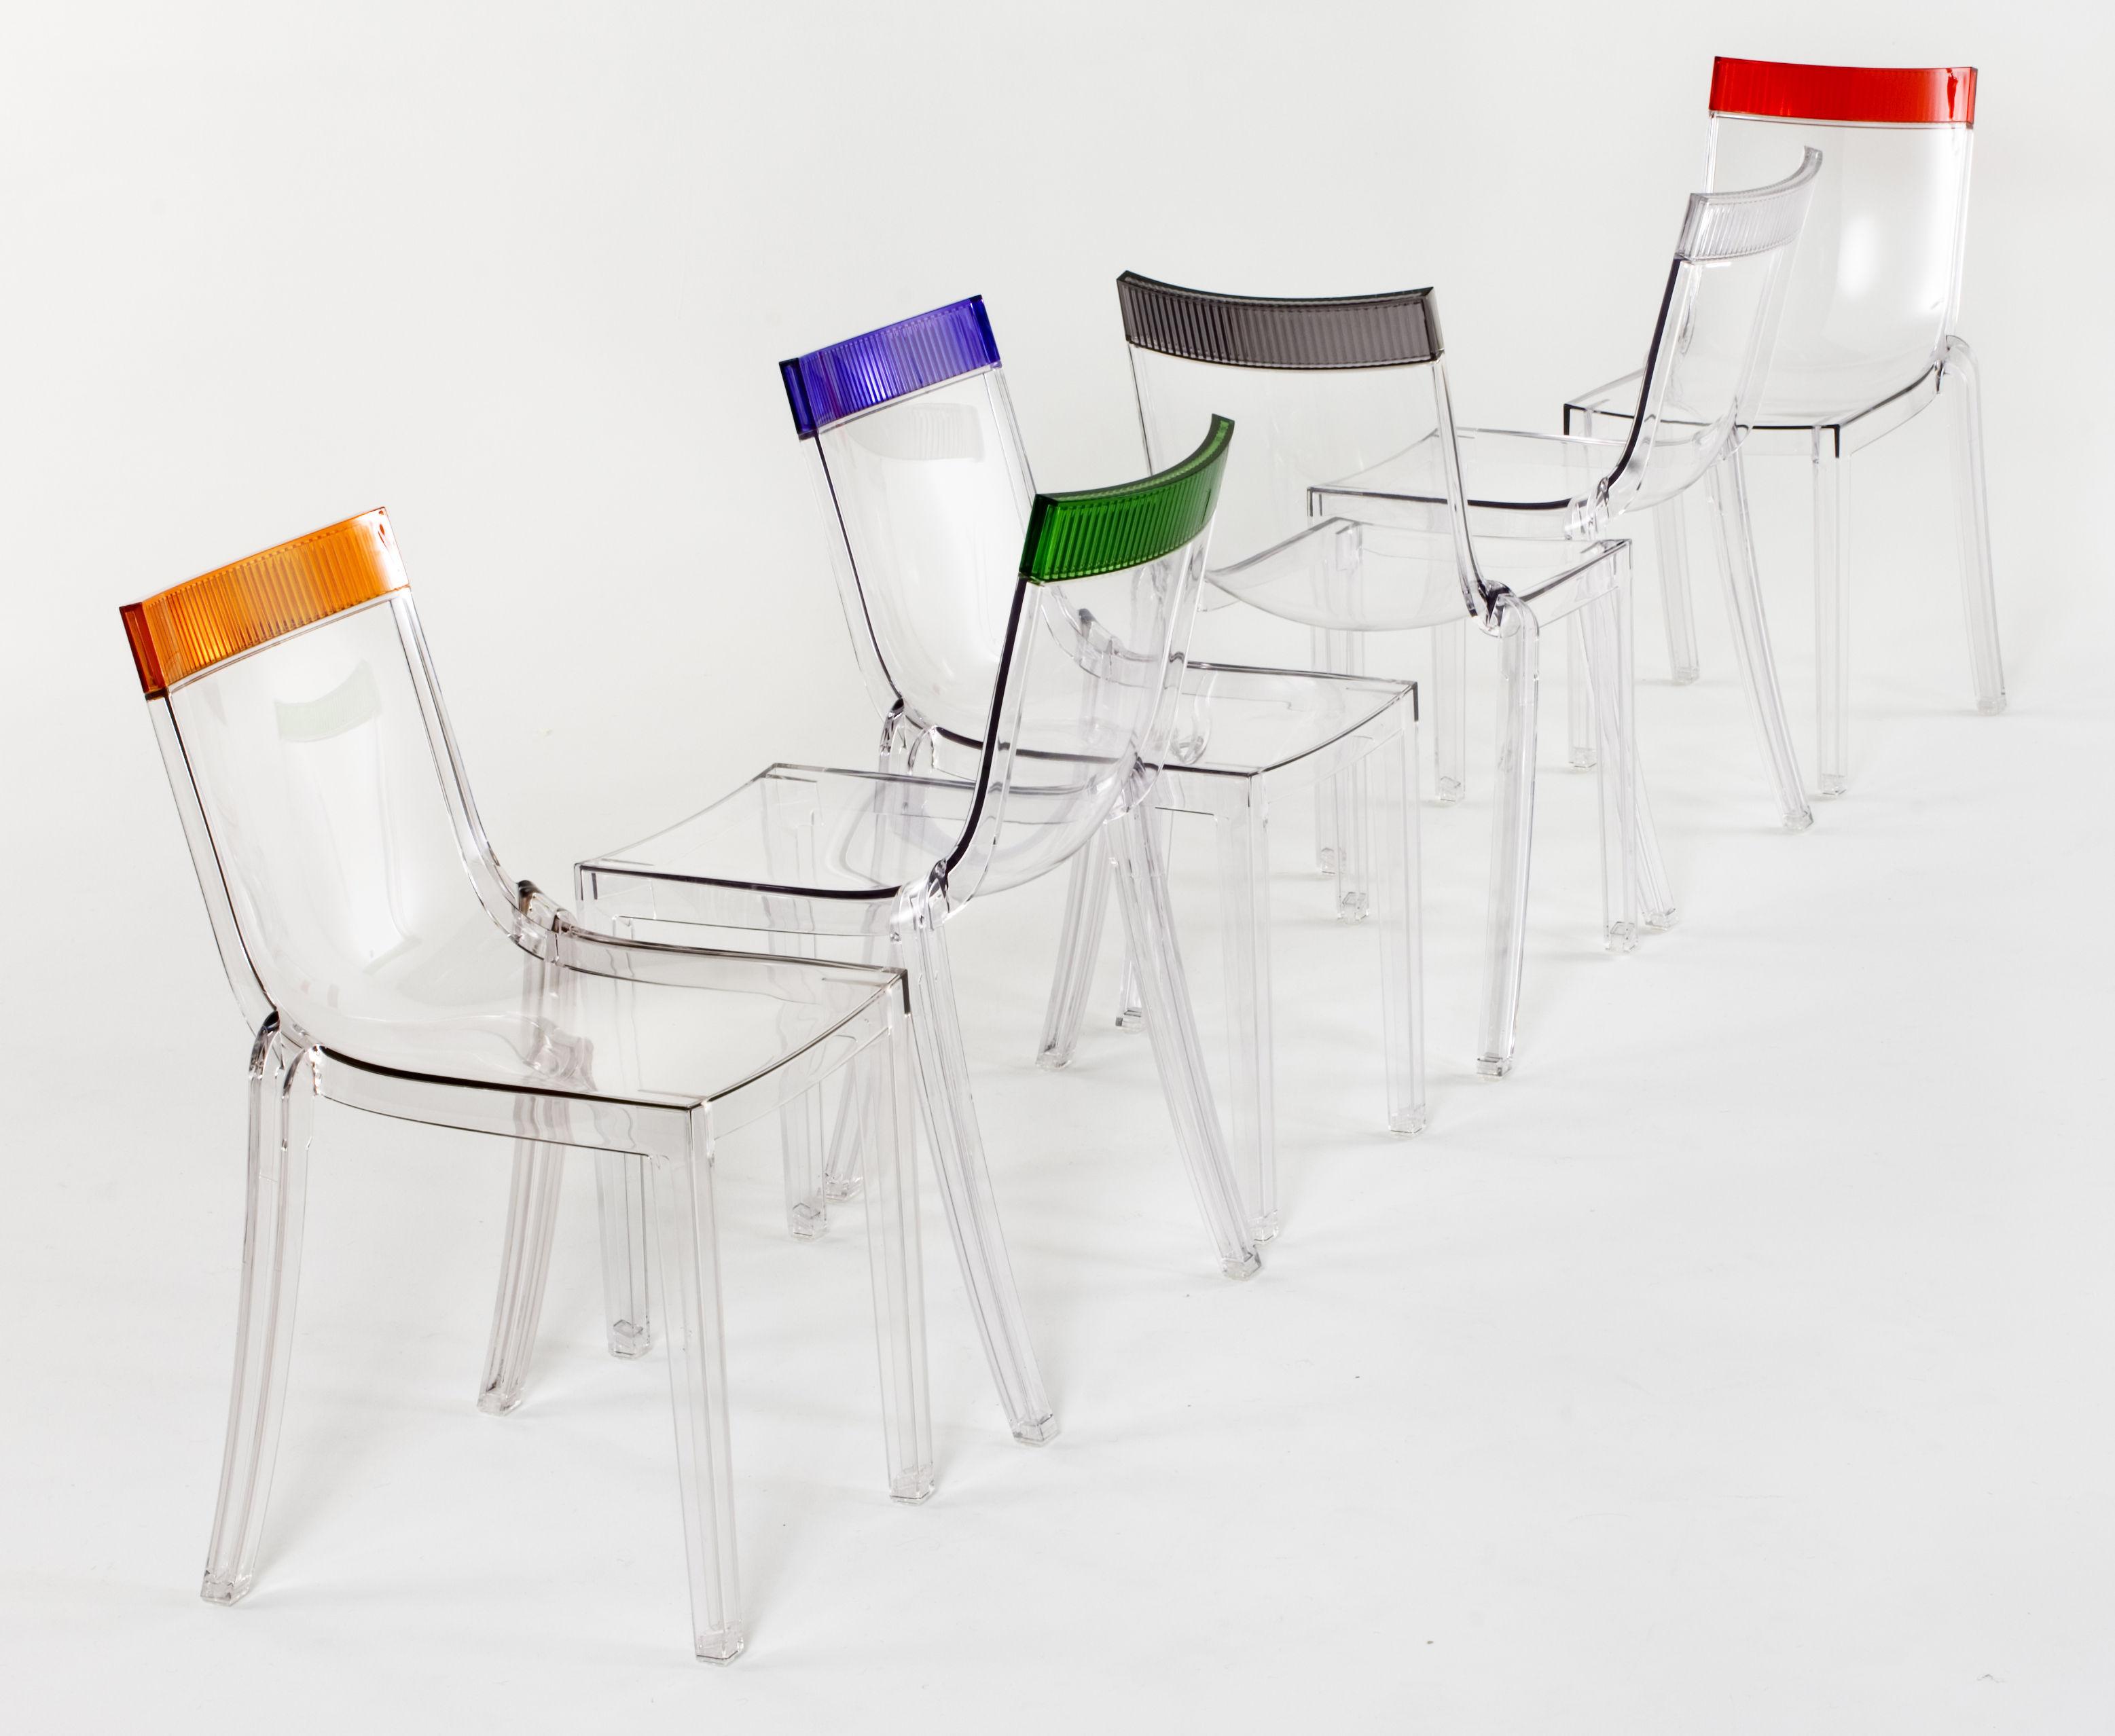 Scopri sedia hi cut struttura trasparente cristallo arancione di kartell made in design italia - Sedia trasparente kartell ...